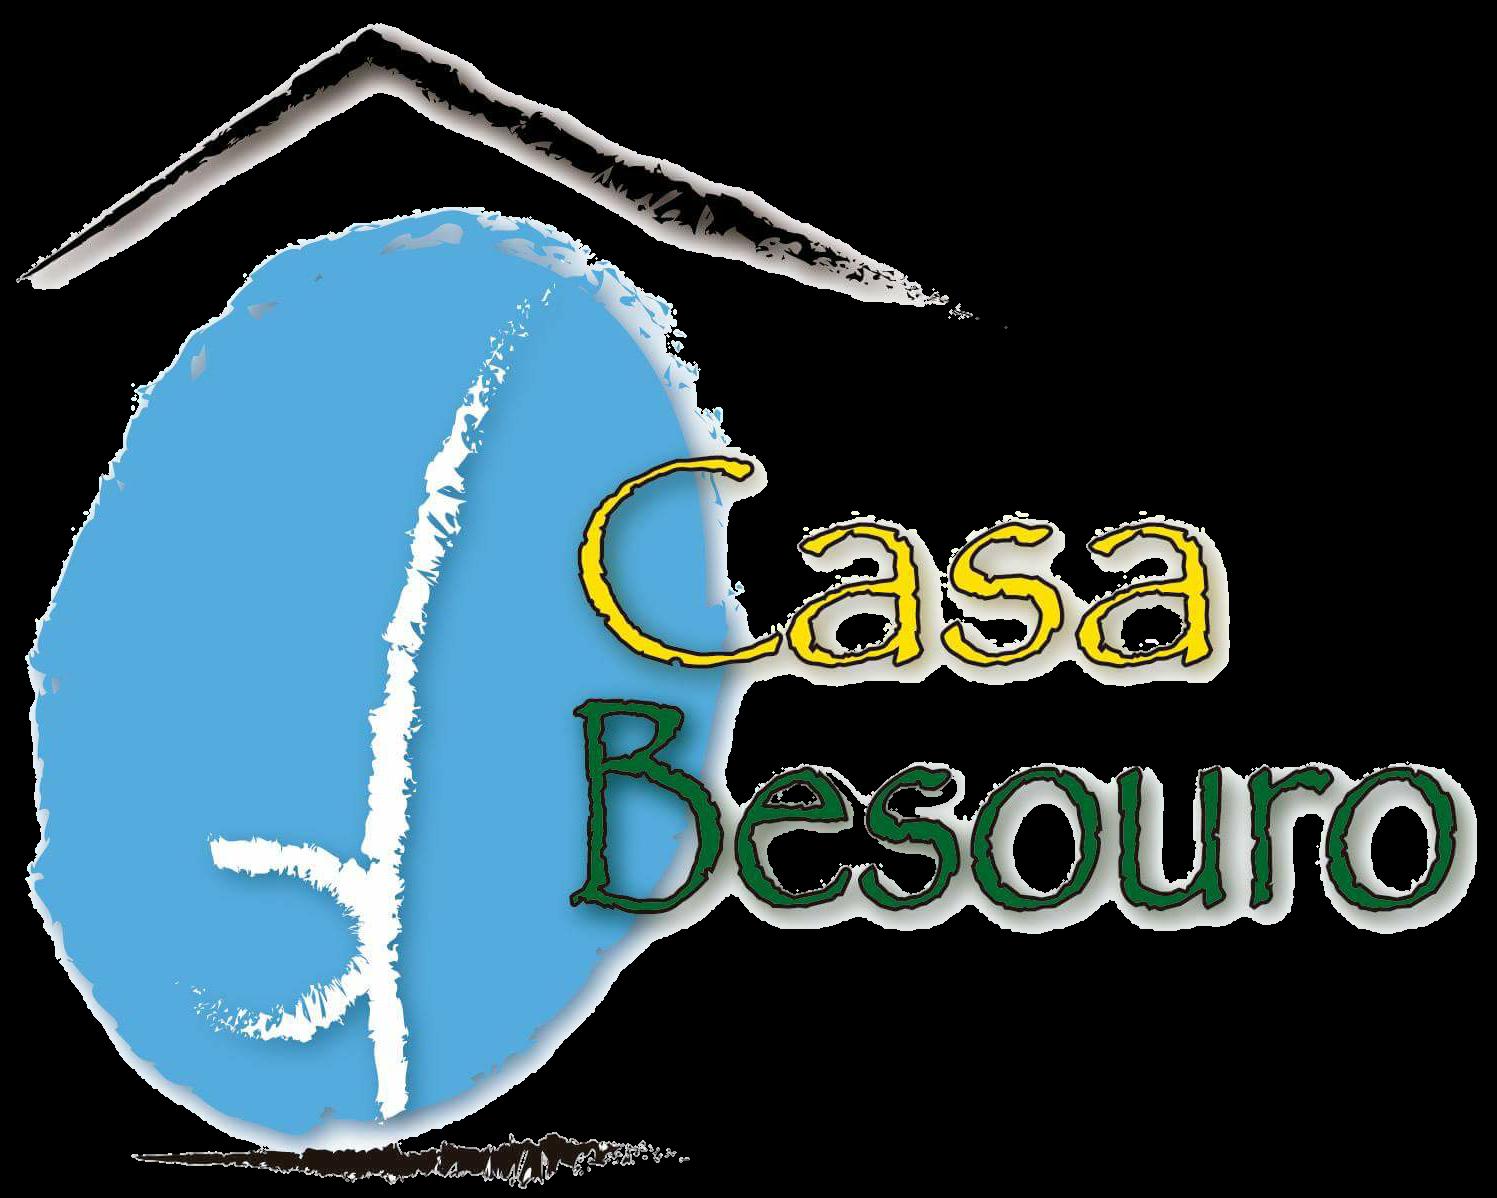 Casa Besouro